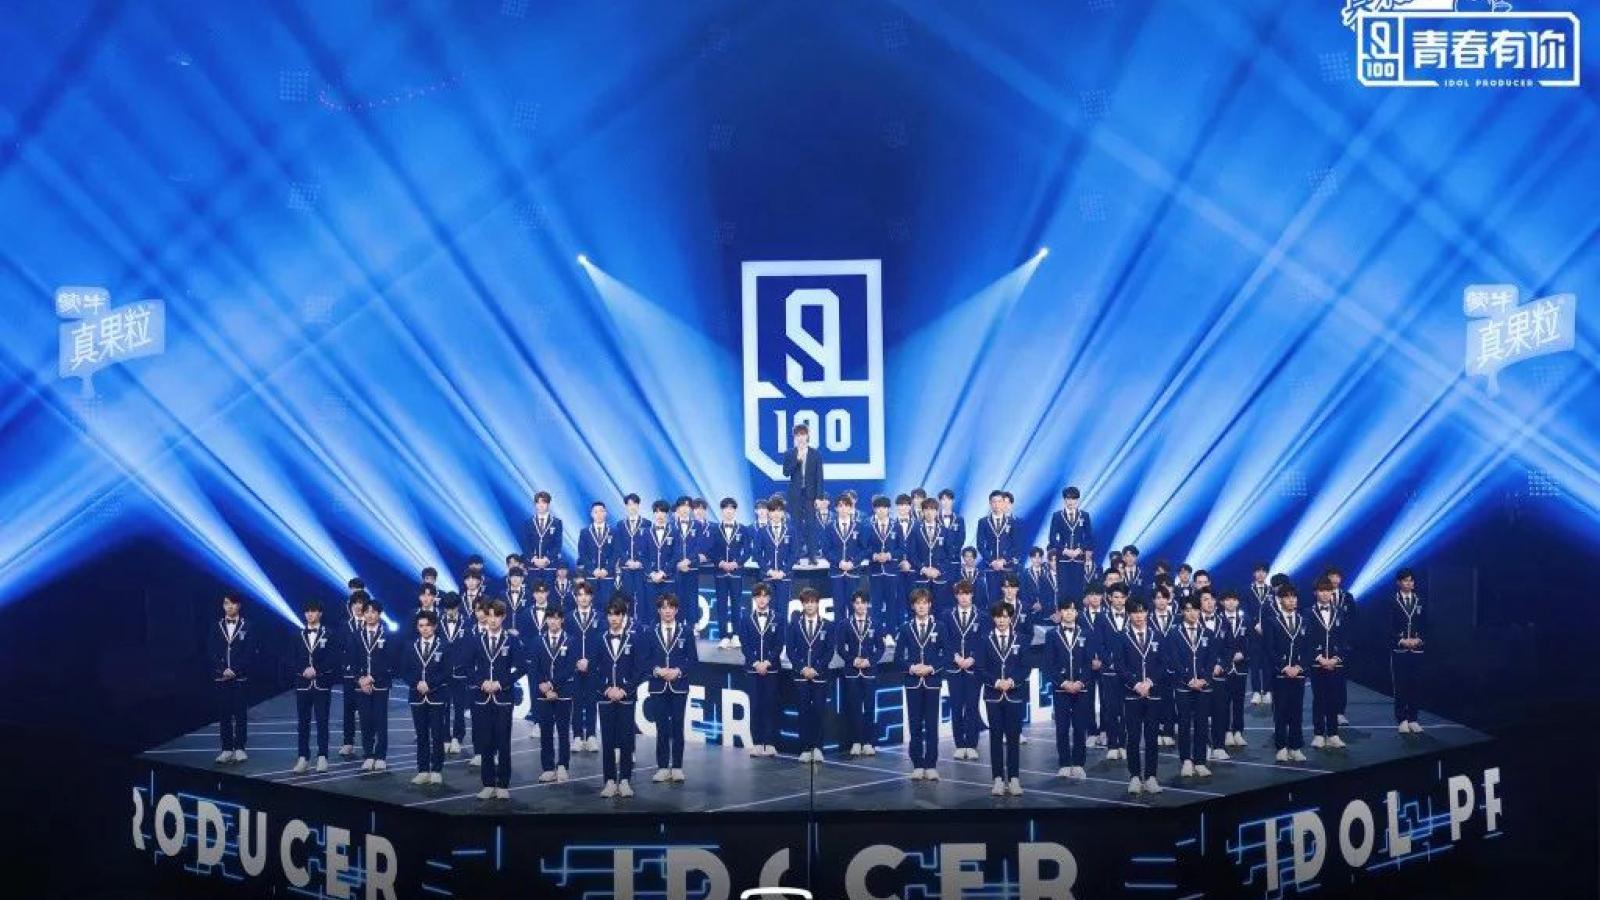 Trung Quốc chấn chỉnh chương trình giải trí trên sóng phát thanh truyền hình